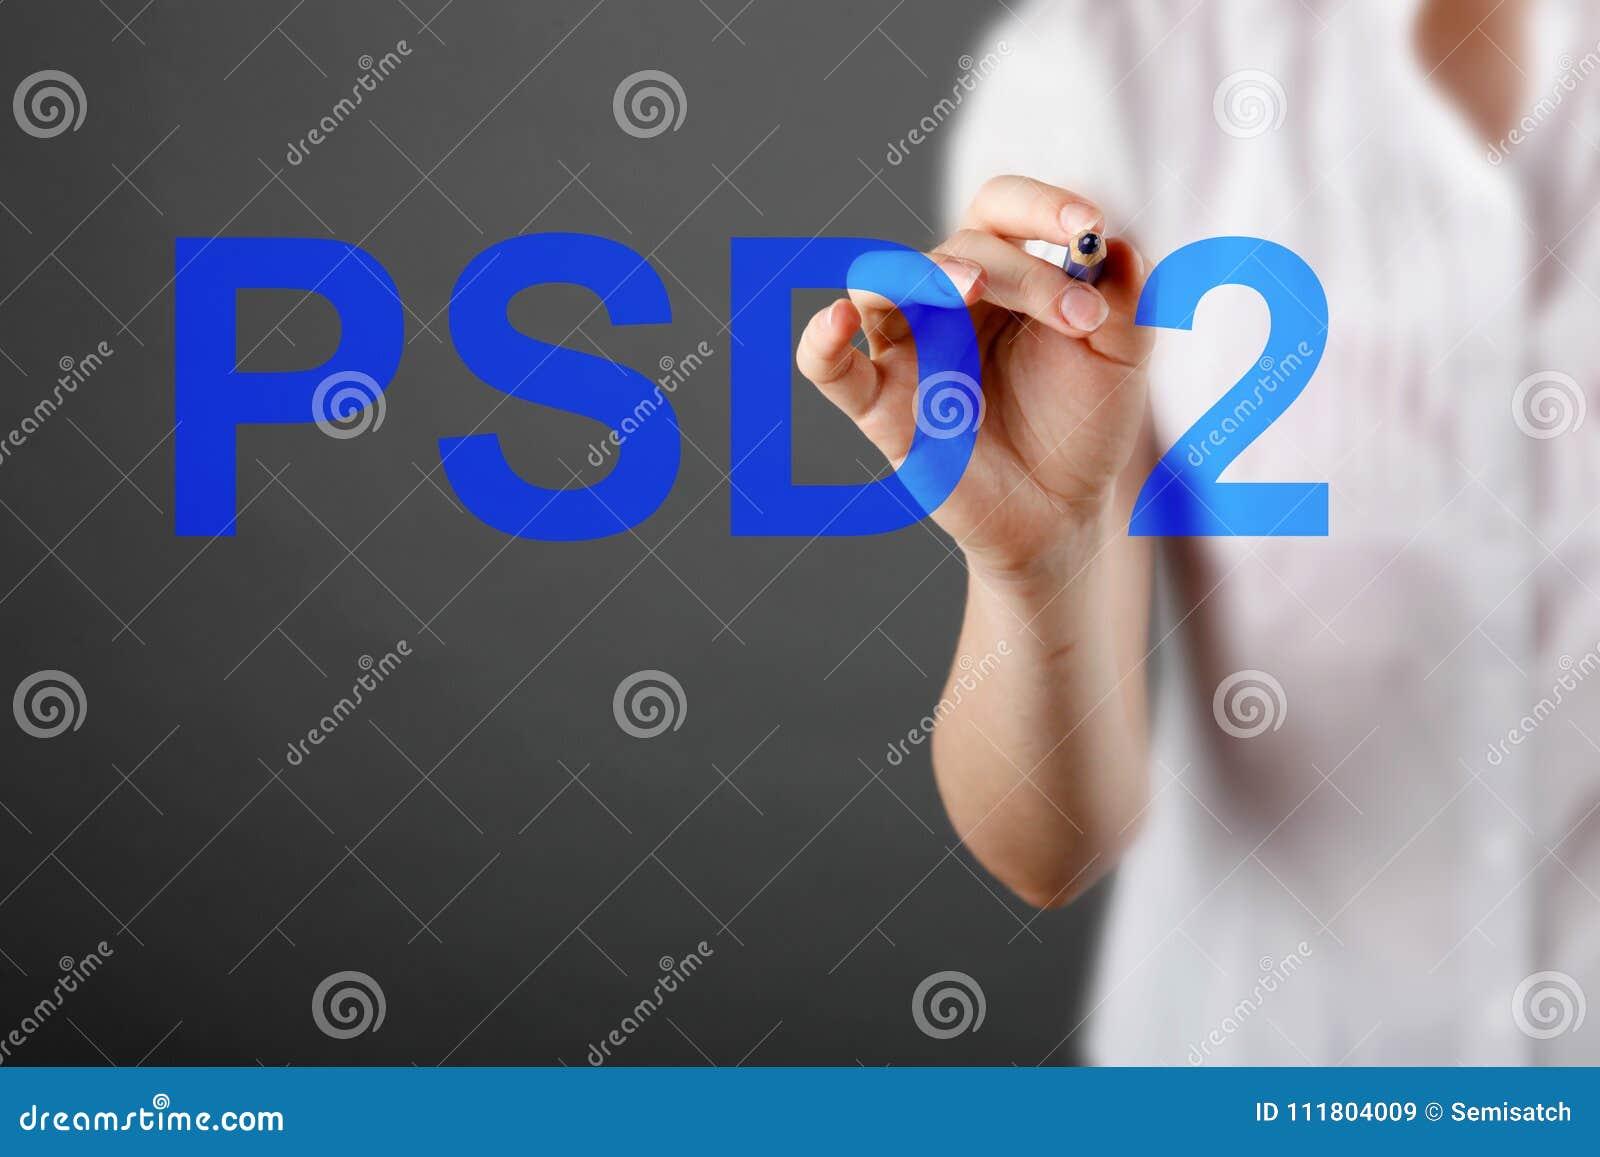 Begrepp av PSD2 - betalning servar direktiv